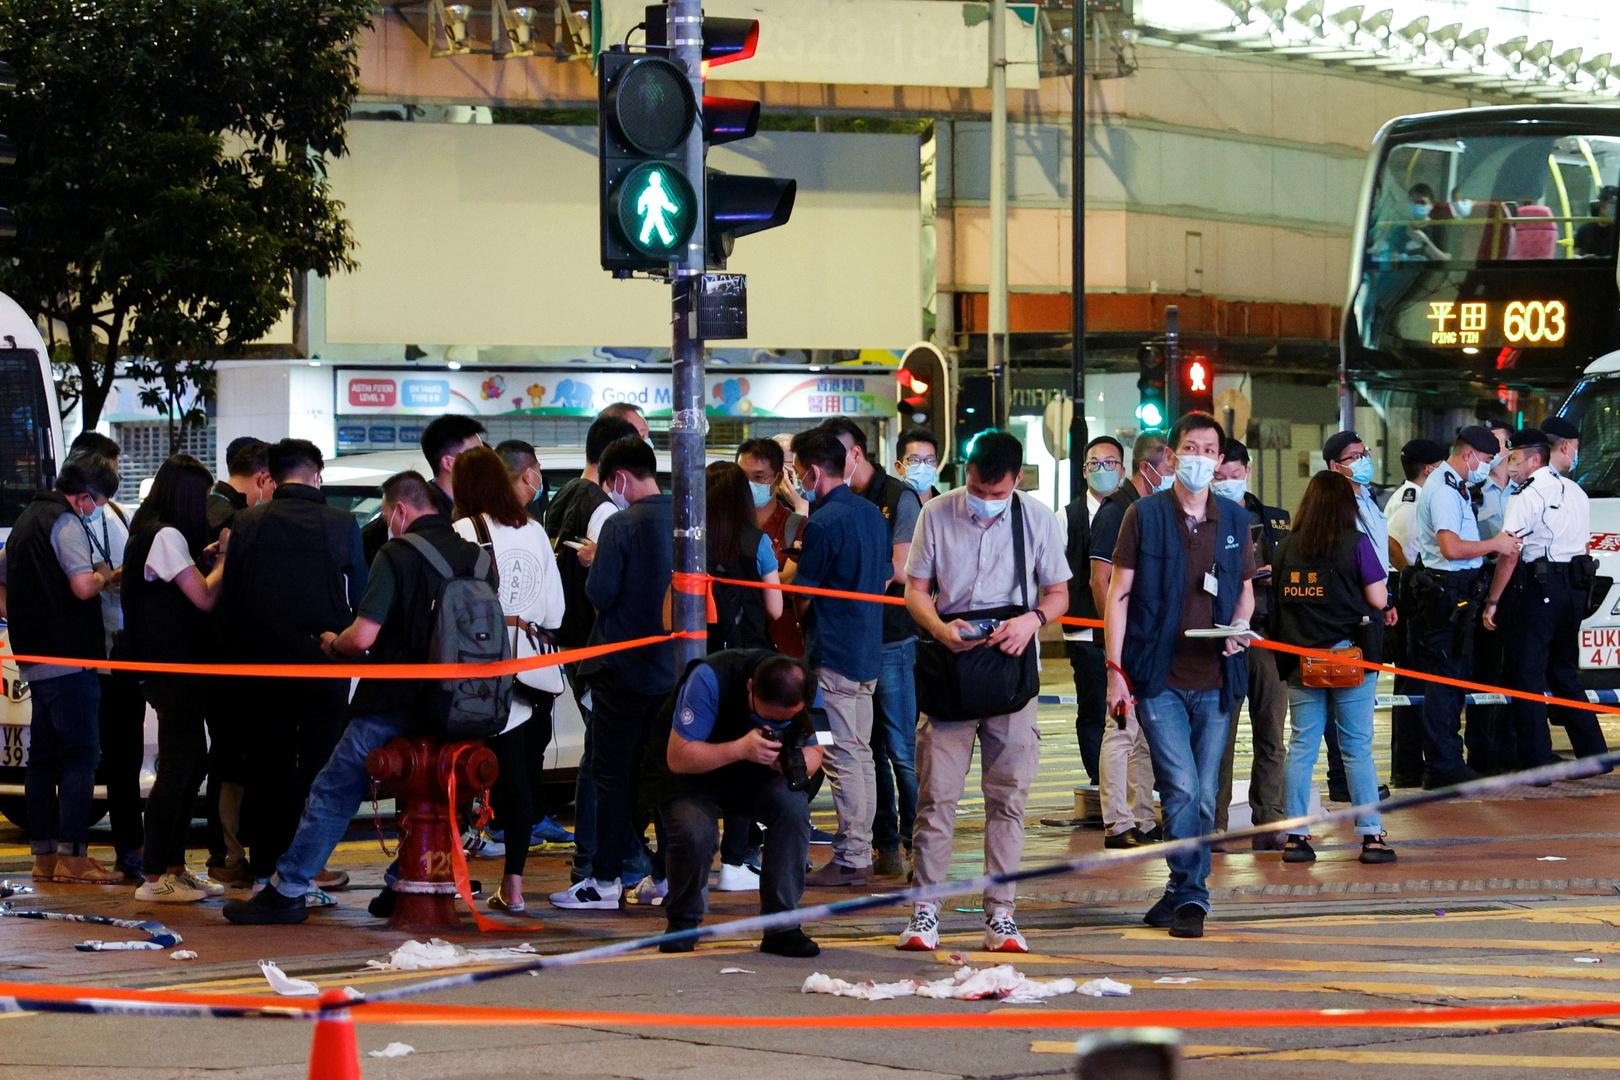 طعن شرطي في هونغ كونغ (فيديو)